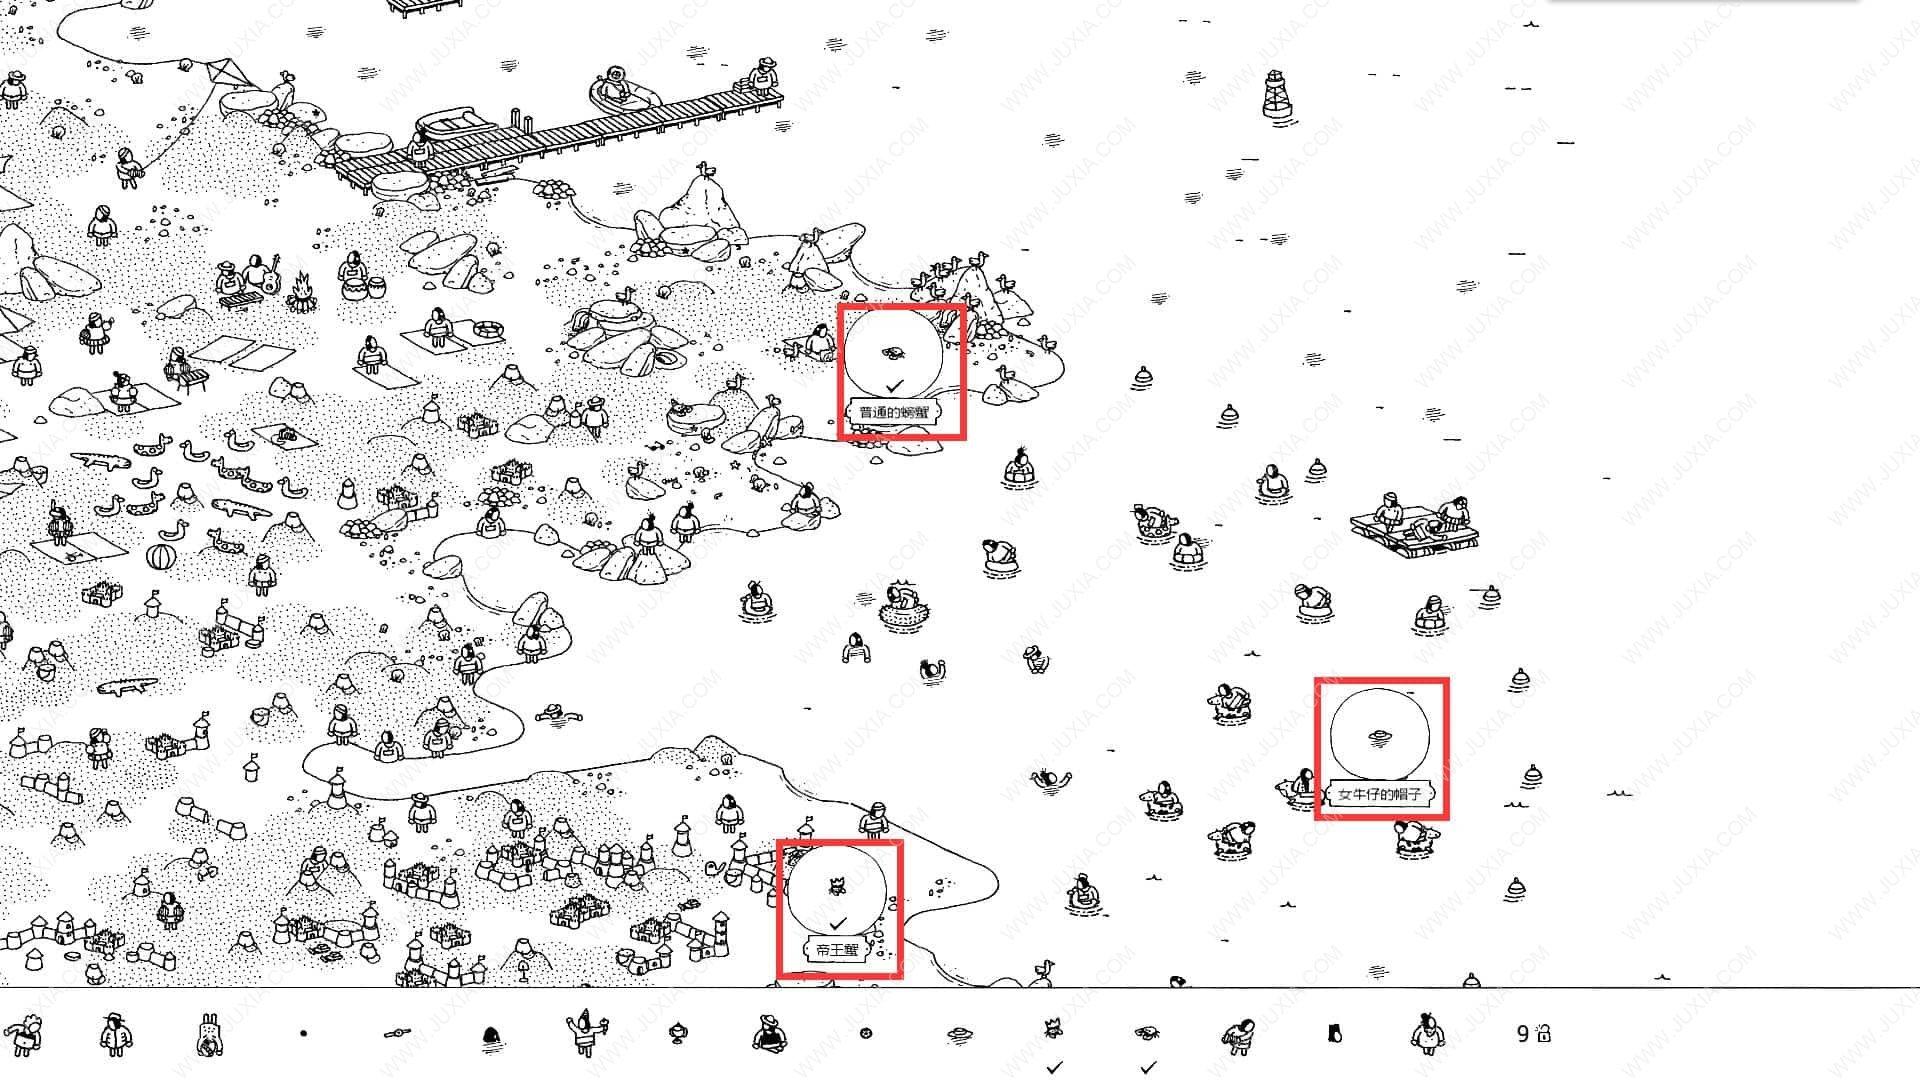 隐藏的家伙海滩攻略2 HiddenFolks图文攻略海滩第二关